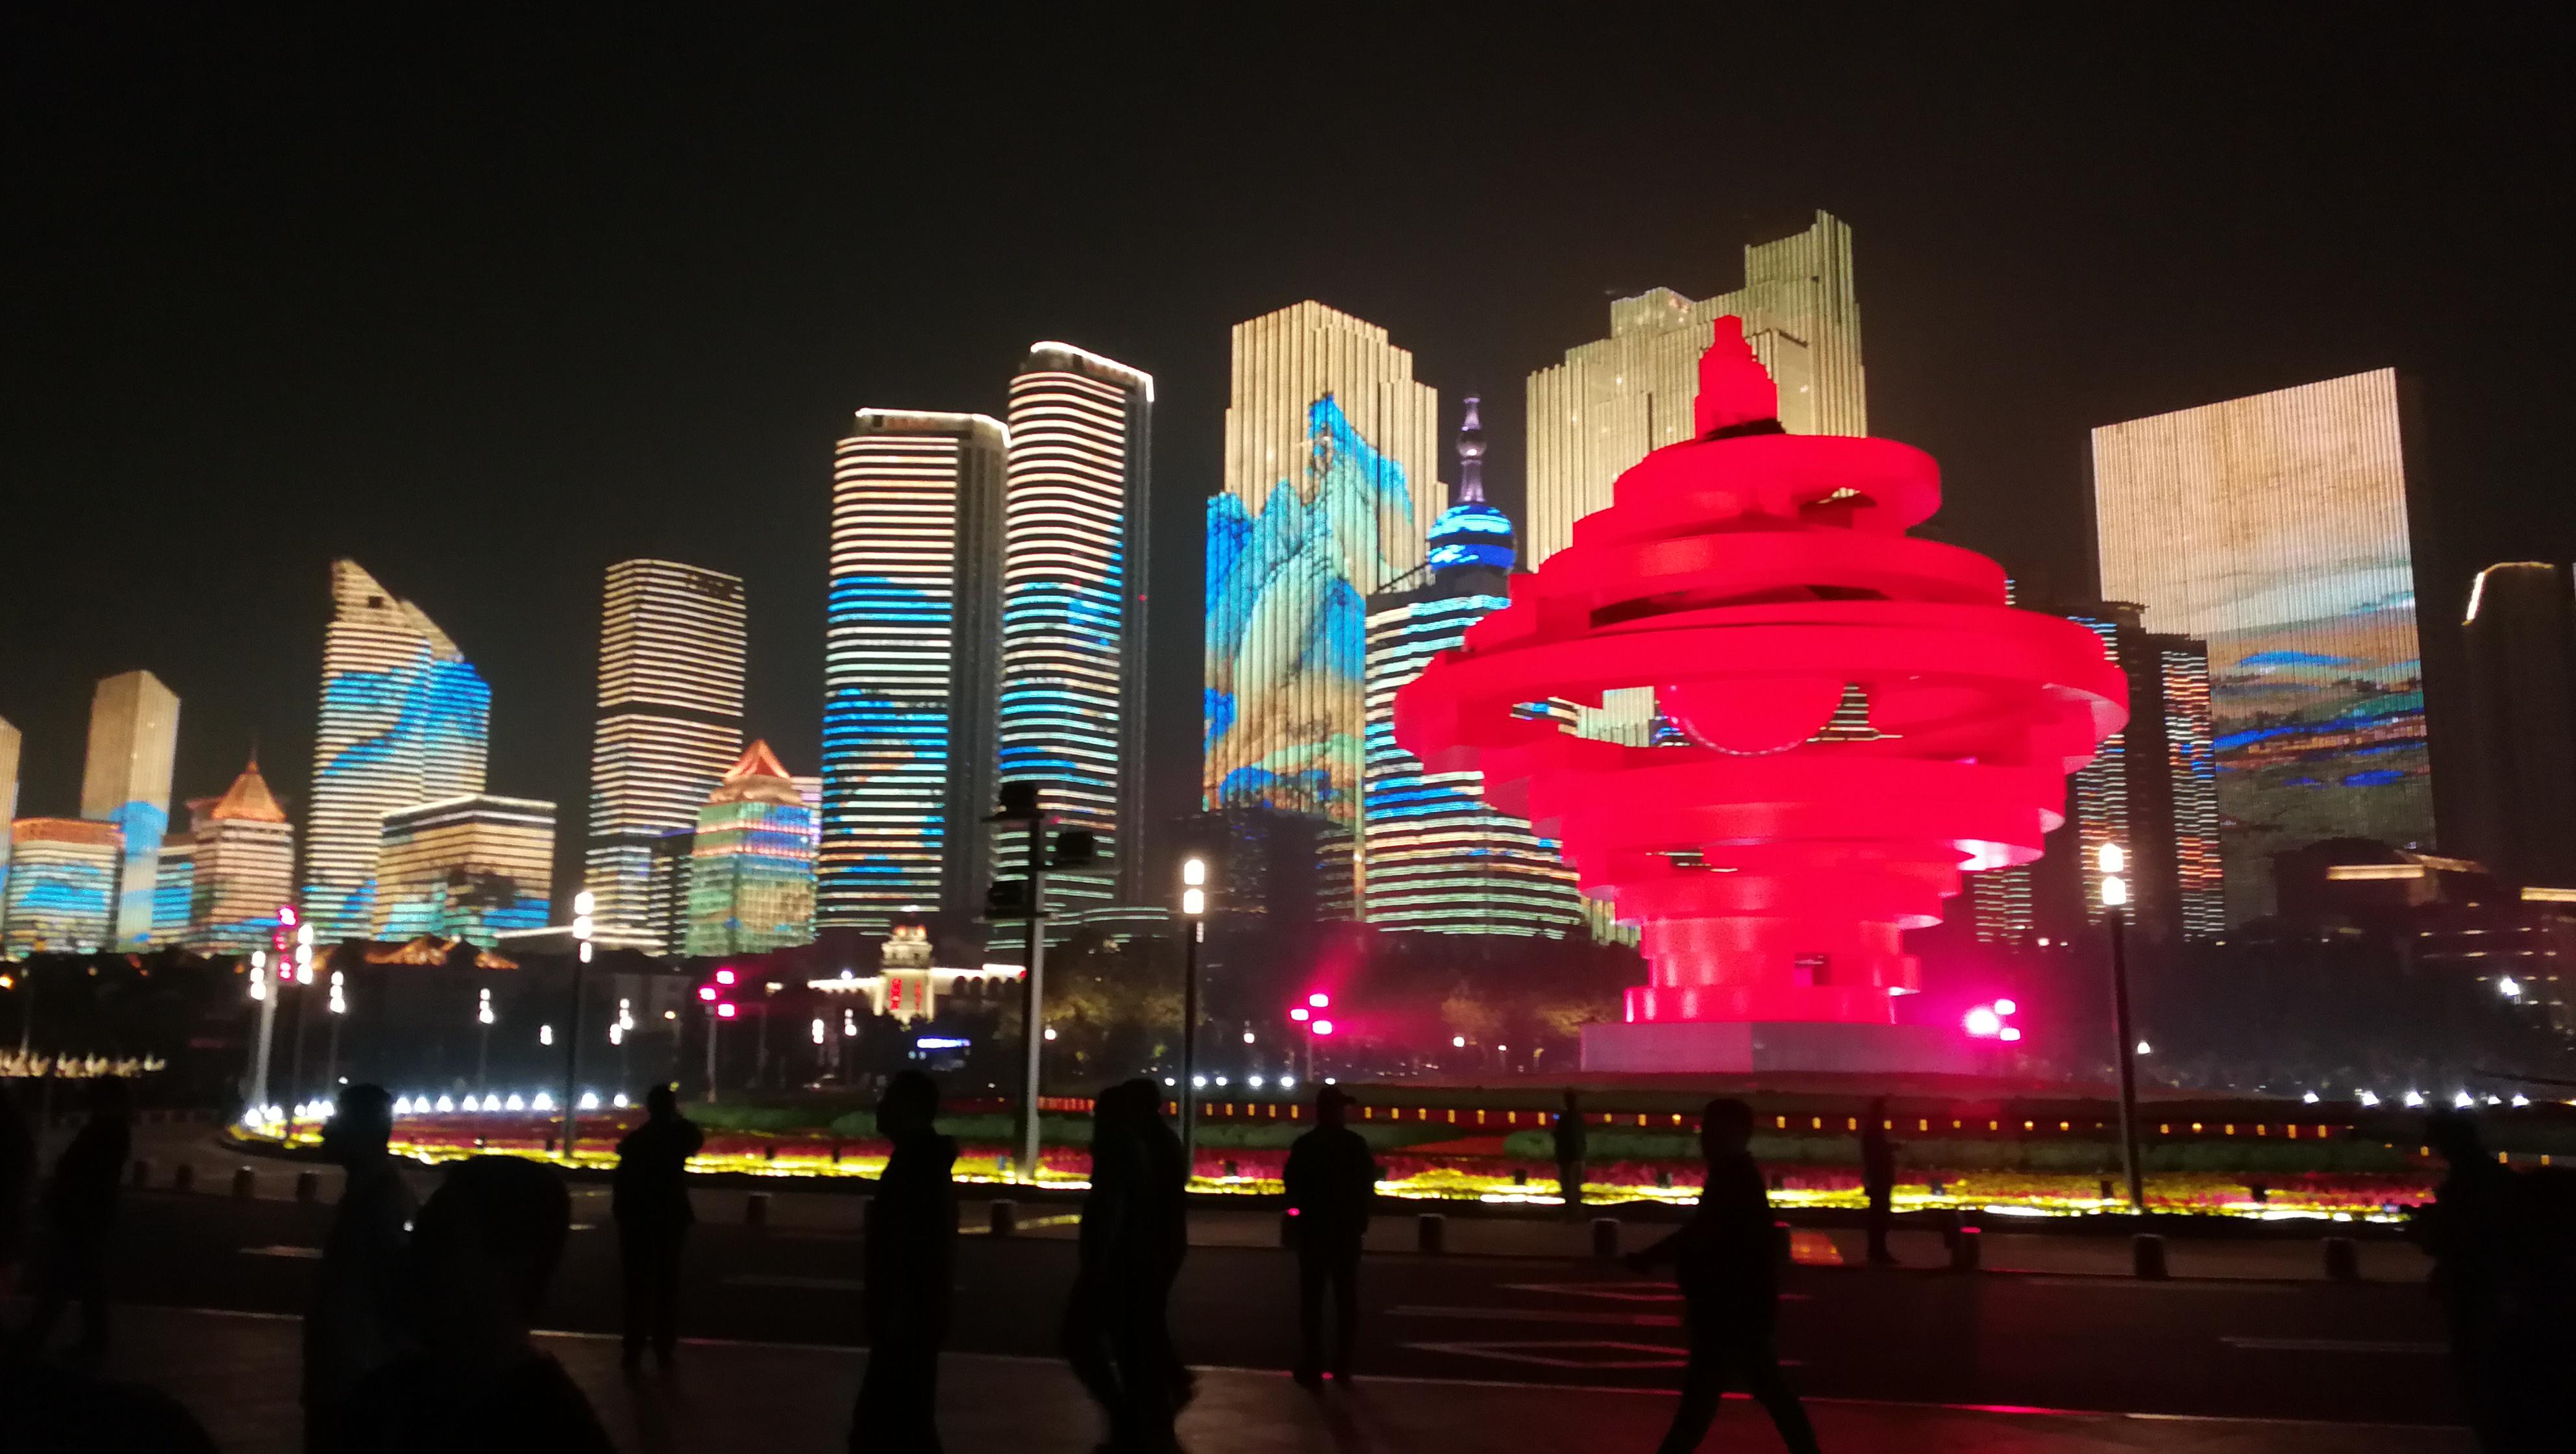 上合青岛峰会灯光焰火艺术表演 山东元素亮眼